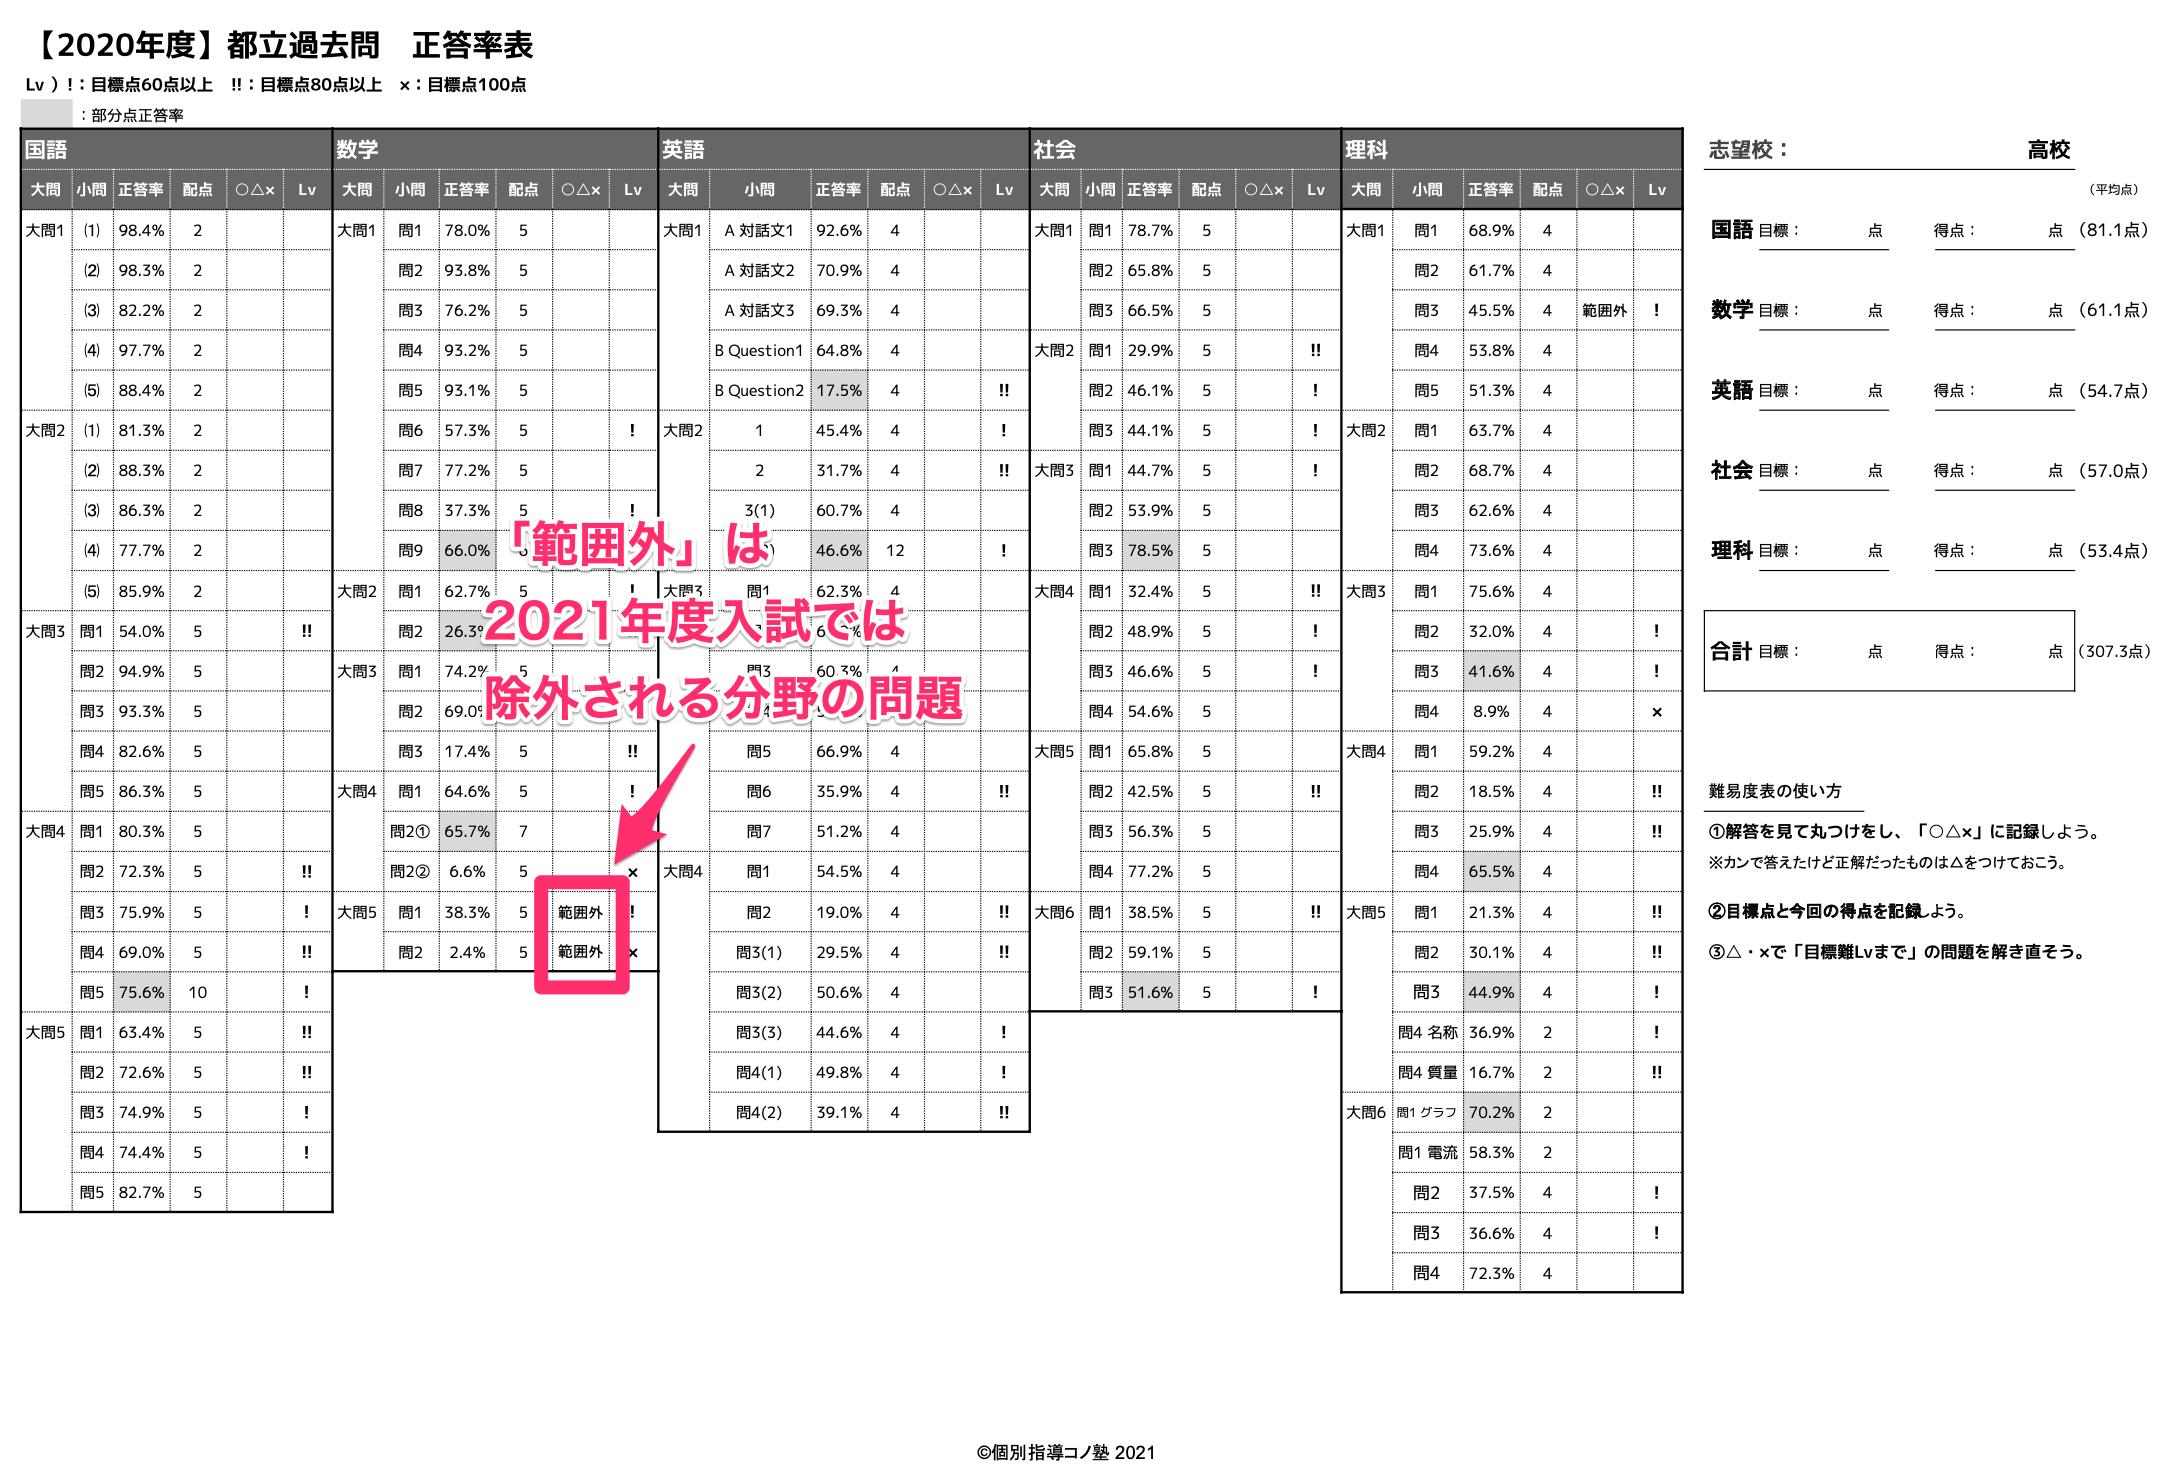 toritsu_seitouritsu_2020_pdf(1ページ)